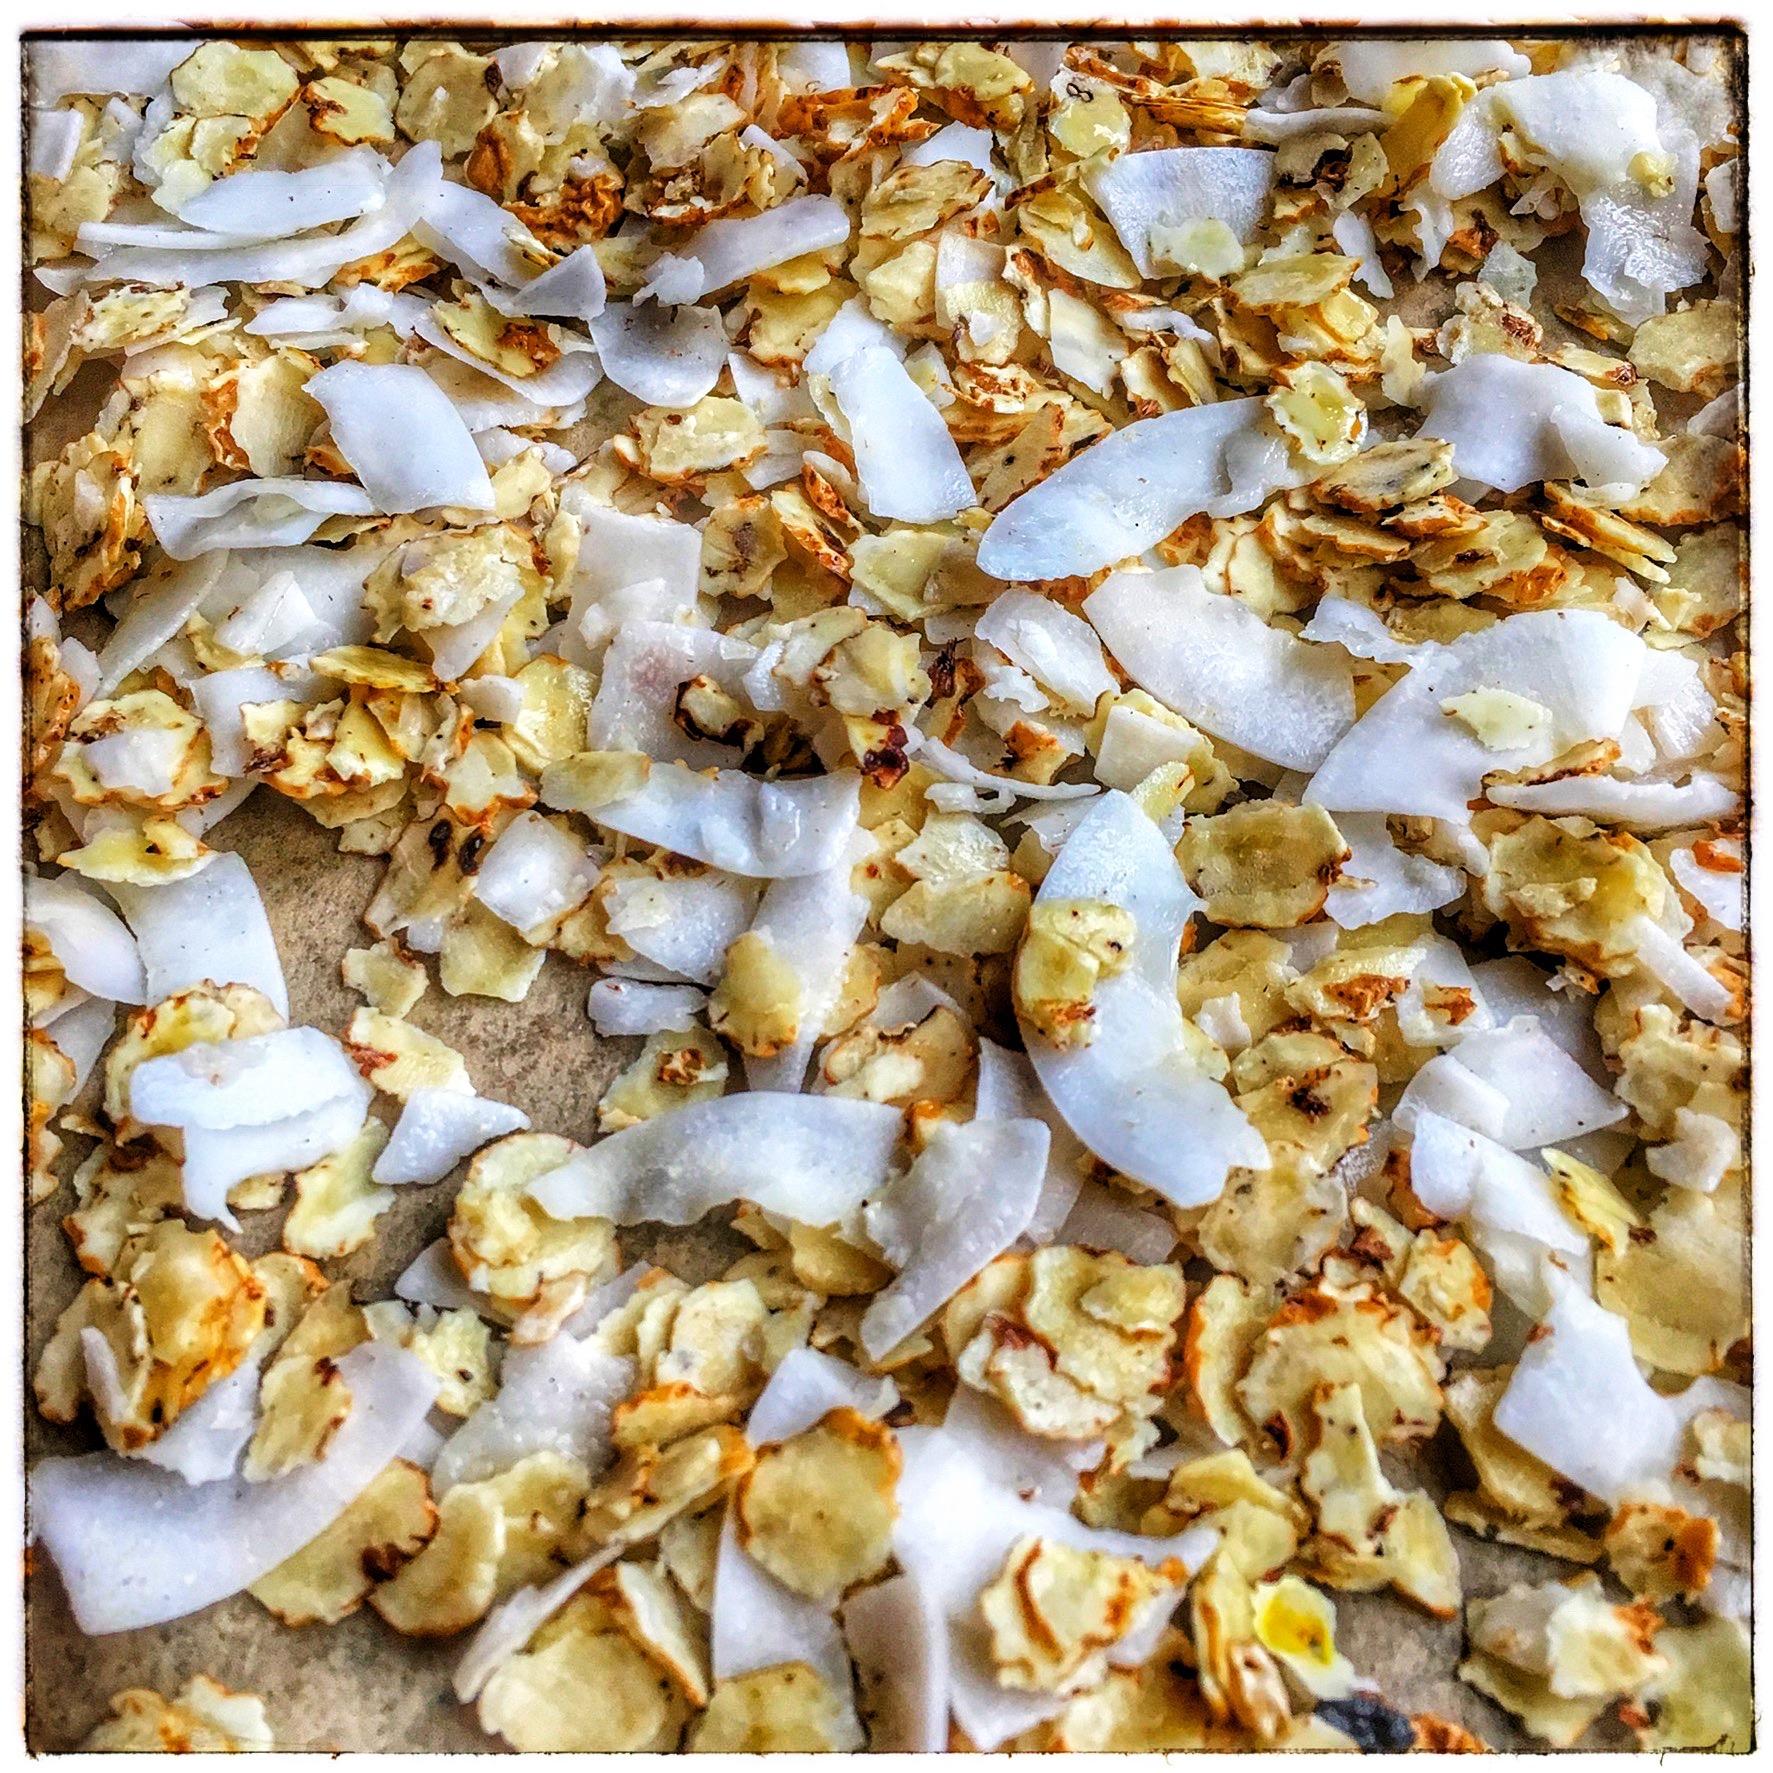 Alle Zutaten für unser AIP-Müsli werden auf einem Backblech vermengt und im Backofen geröstet.